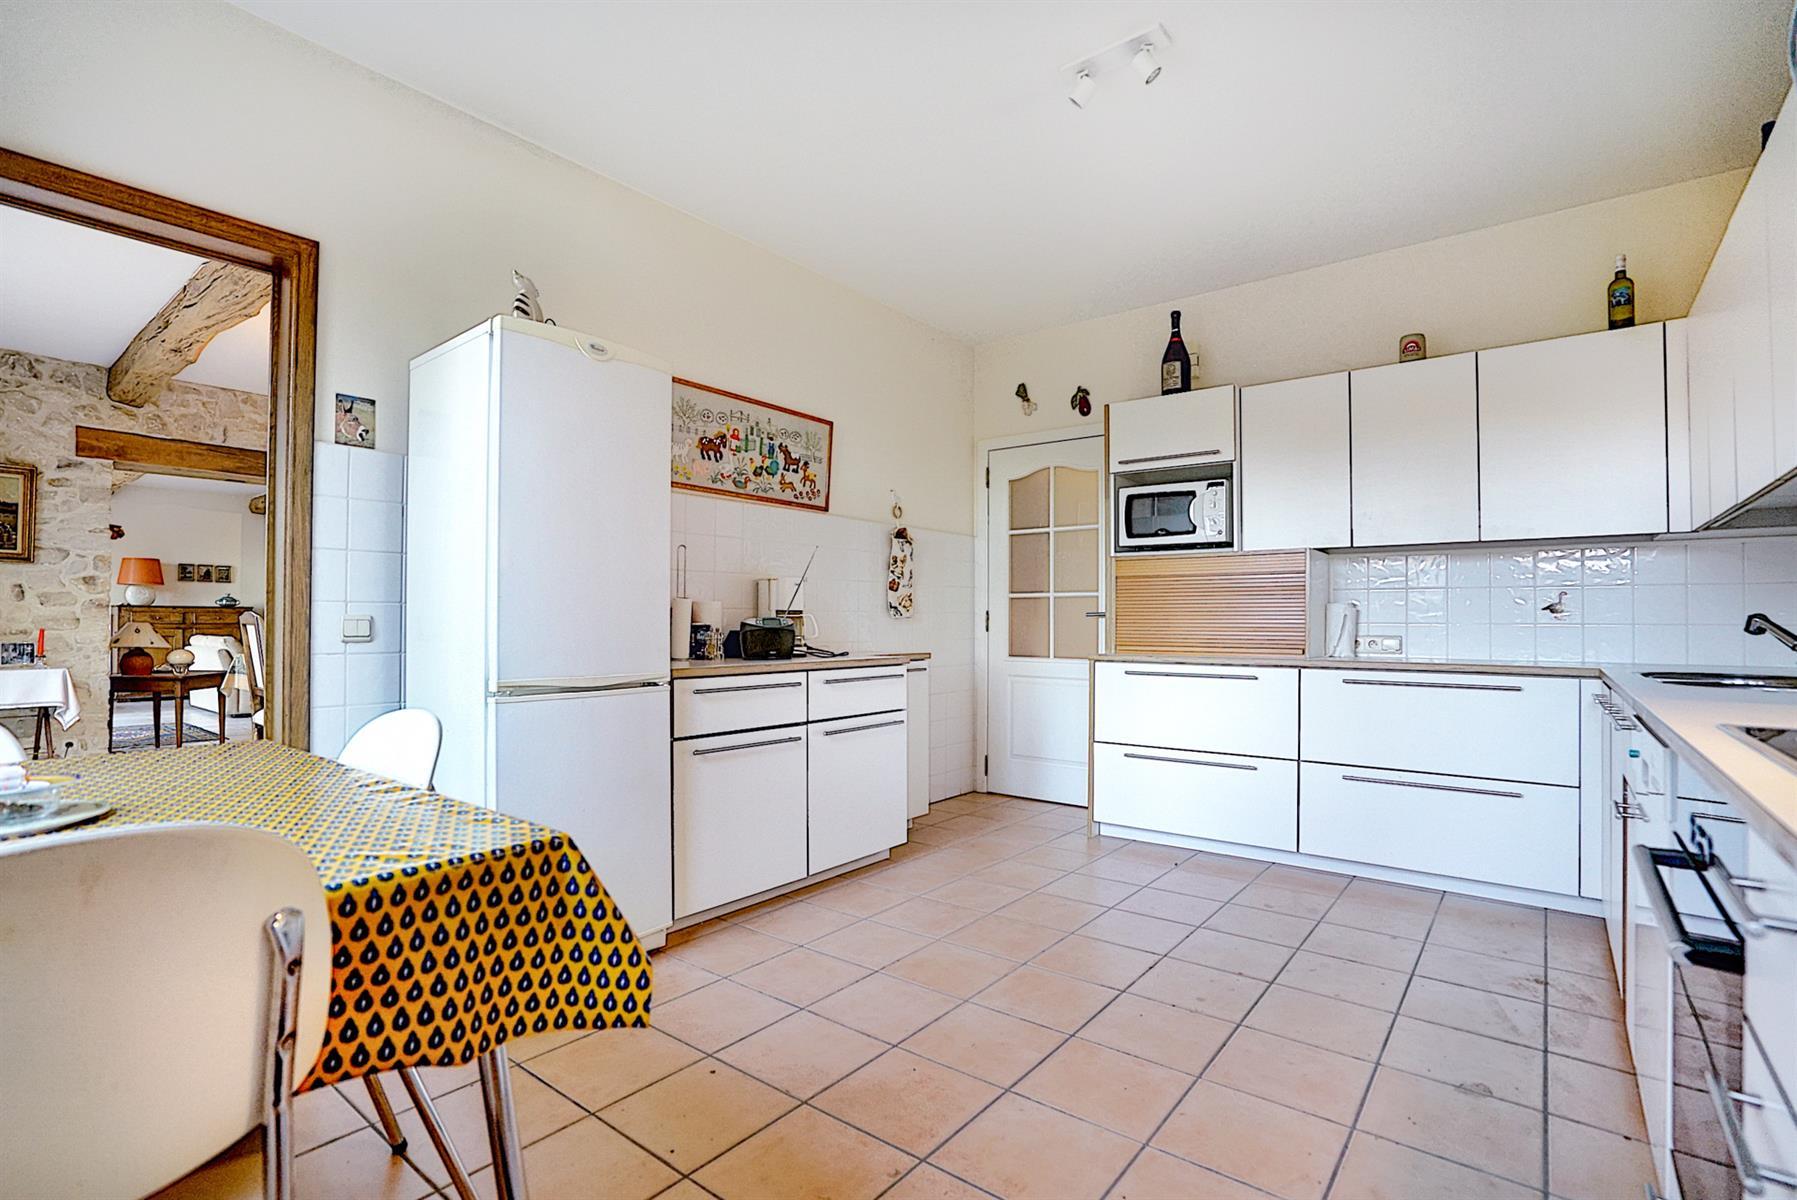 Villa - Genappe - #3854723-3